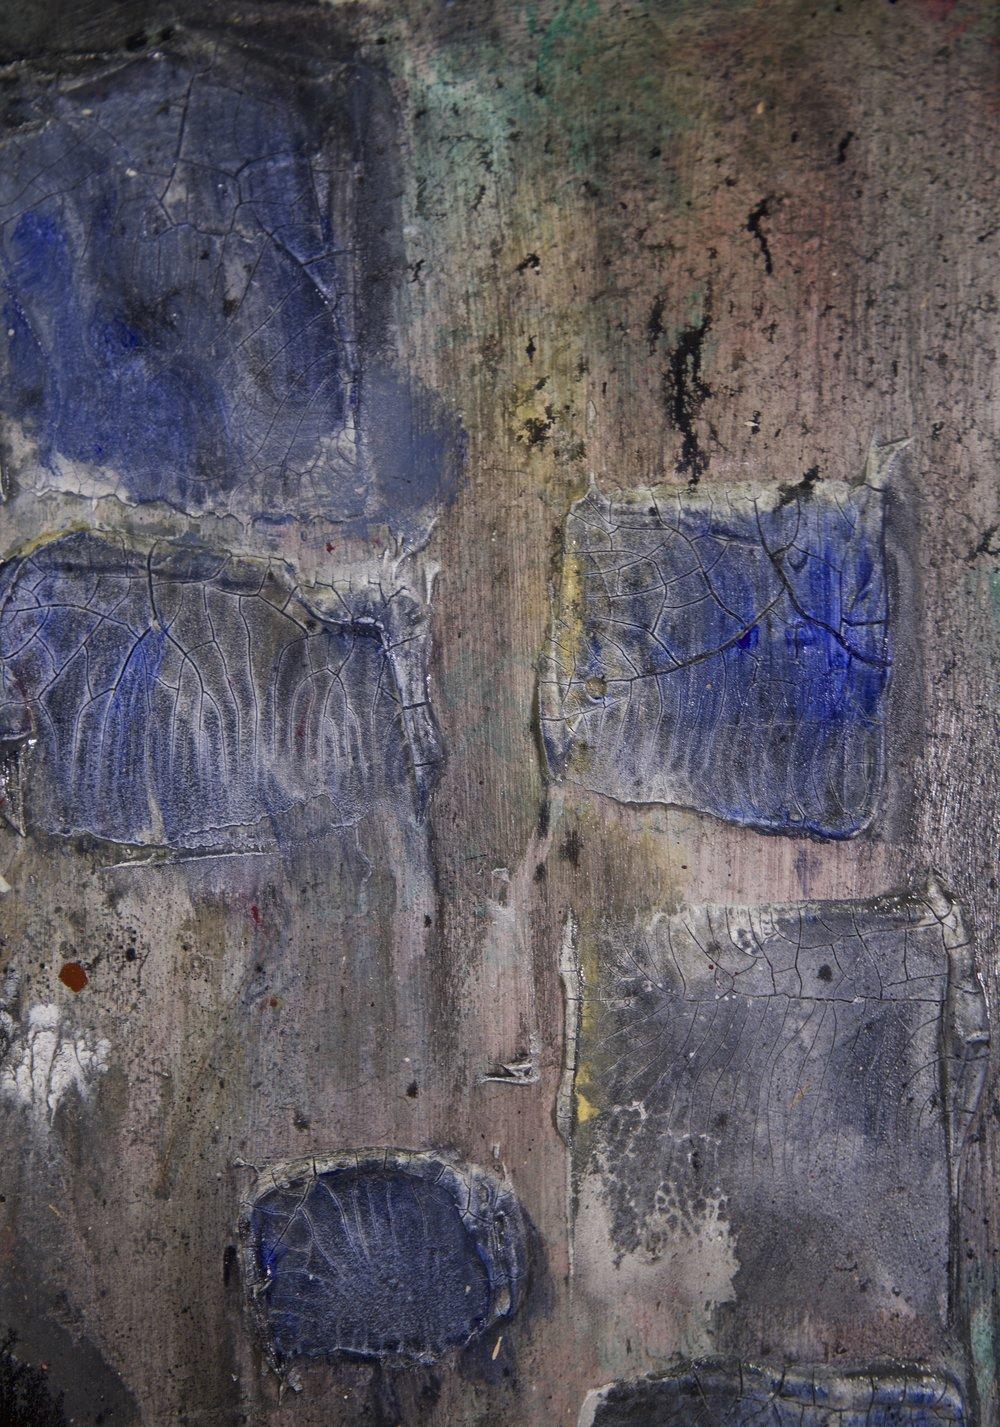 JWORK-111718-1520-DETAIL-TOPR.jpg